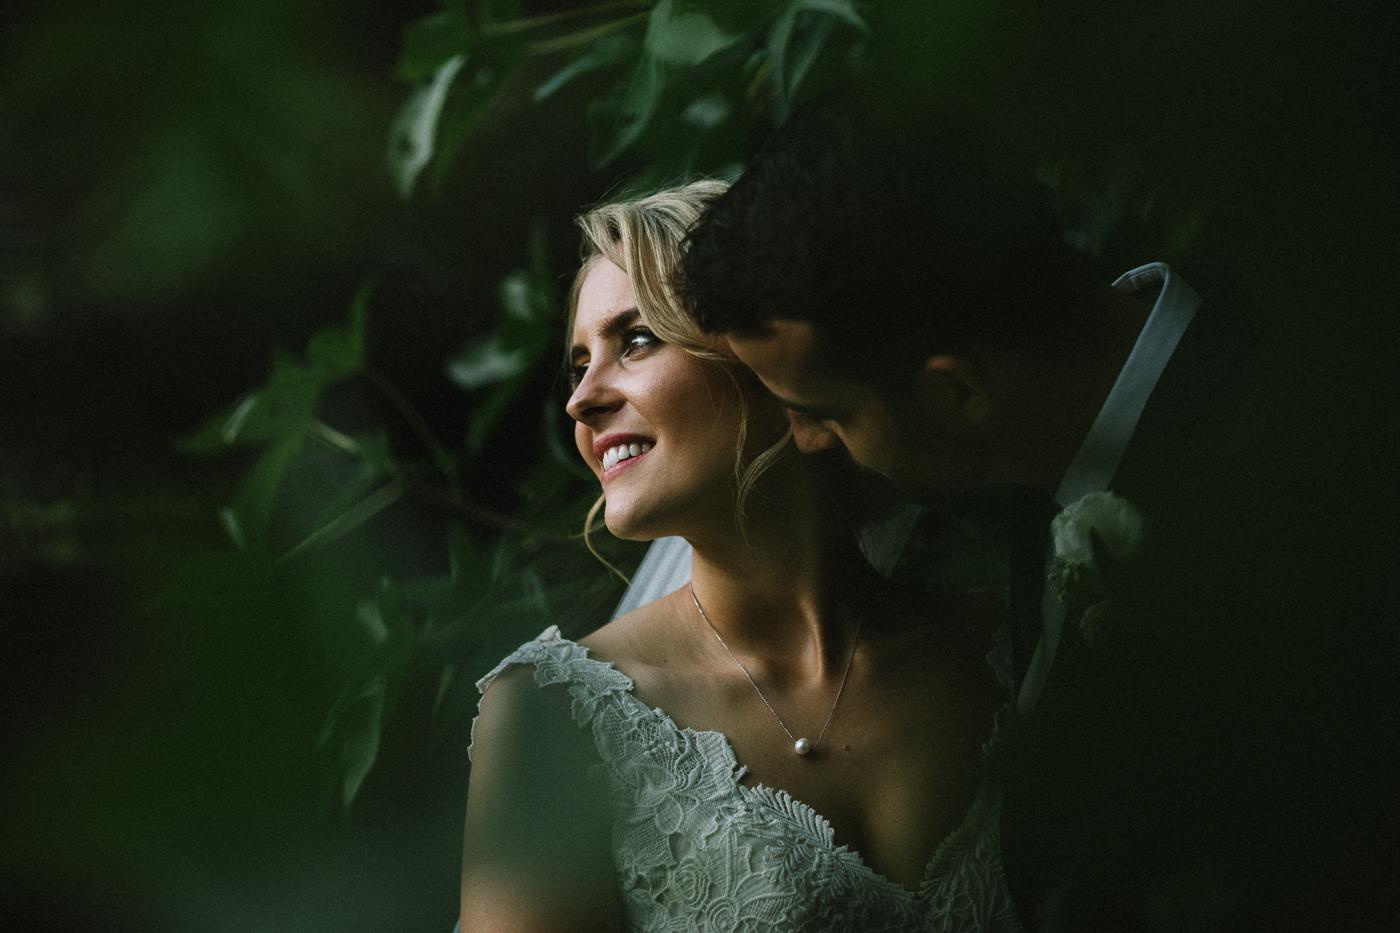 tauranga_new_zealand_wedding_photographer